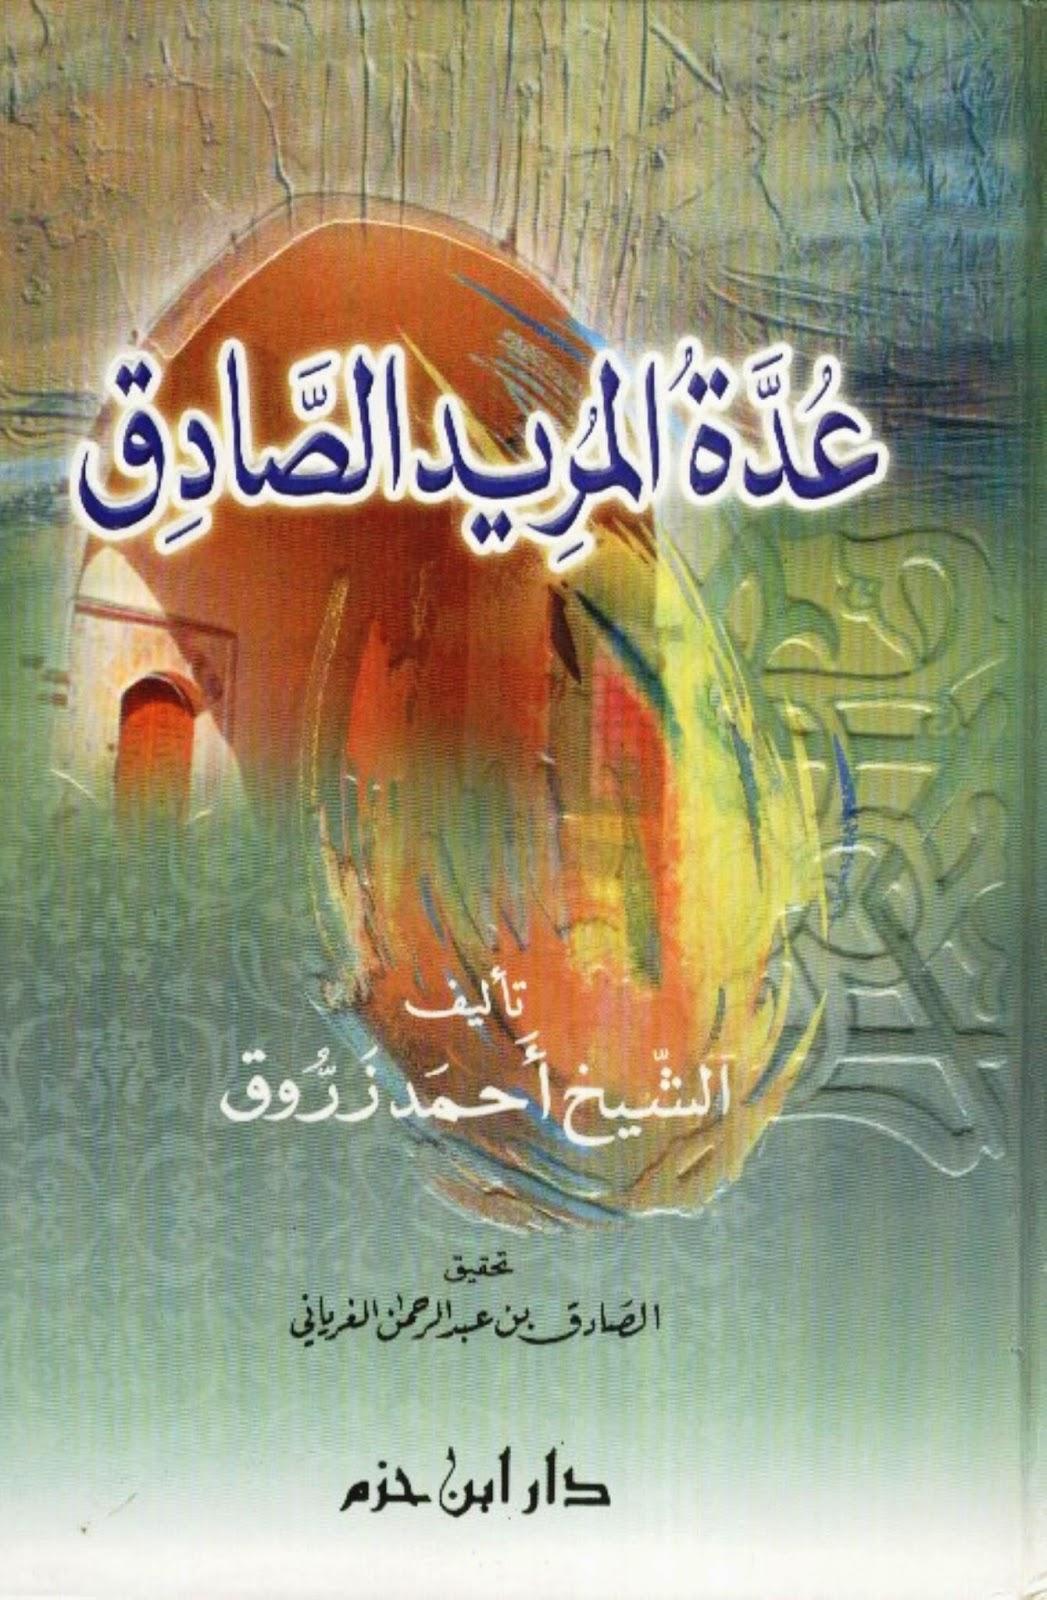 عدة المريد الصادق - الشيخ أحمد زرّوق pdf